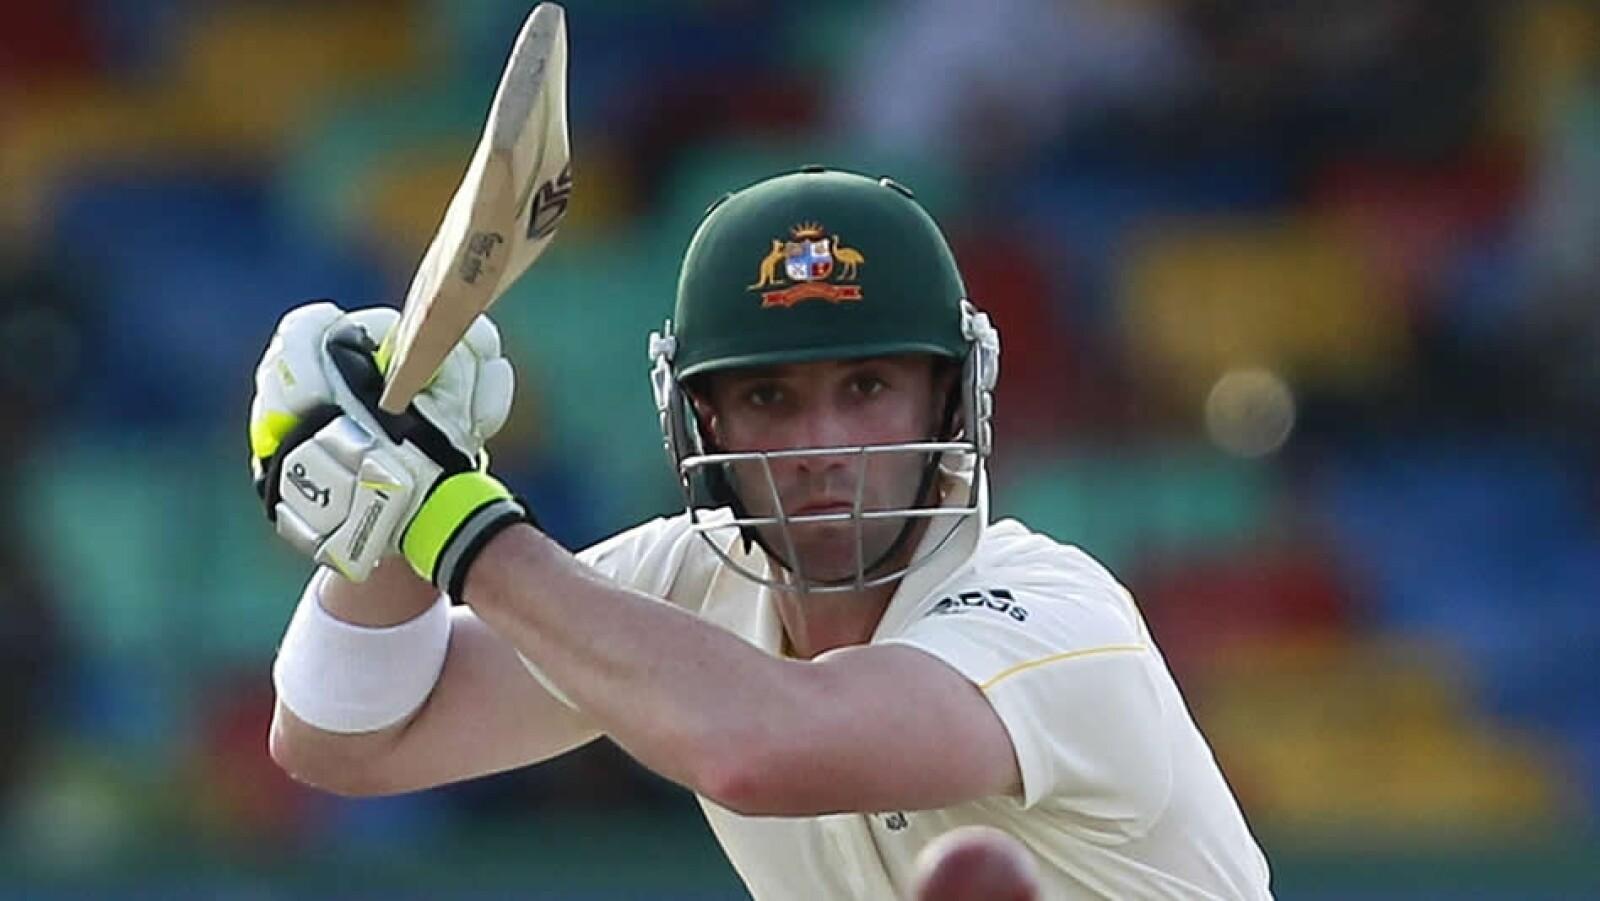 El 25 de noviembre, Phil Hughes, jugador australiano de cricket, falleció luego de que recibiera un pelotazo en un área sensible del cuello que le ocasionó una hemorragia masiva